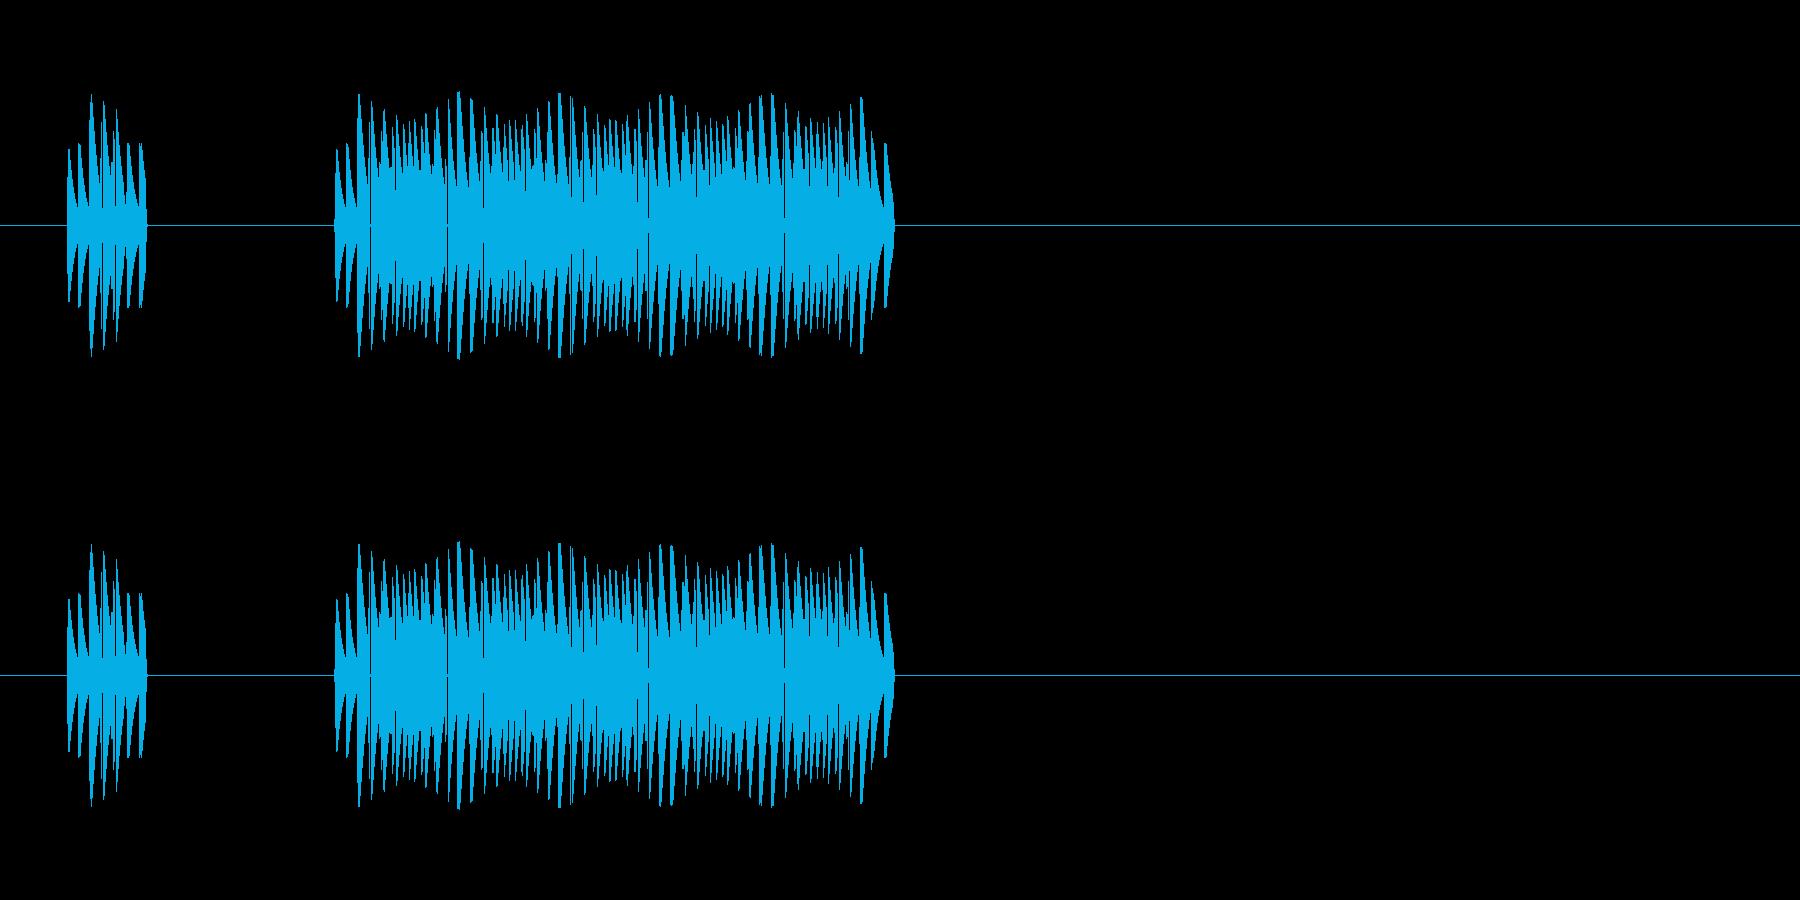 クイズに不正解だった時の音の再生済みの波形